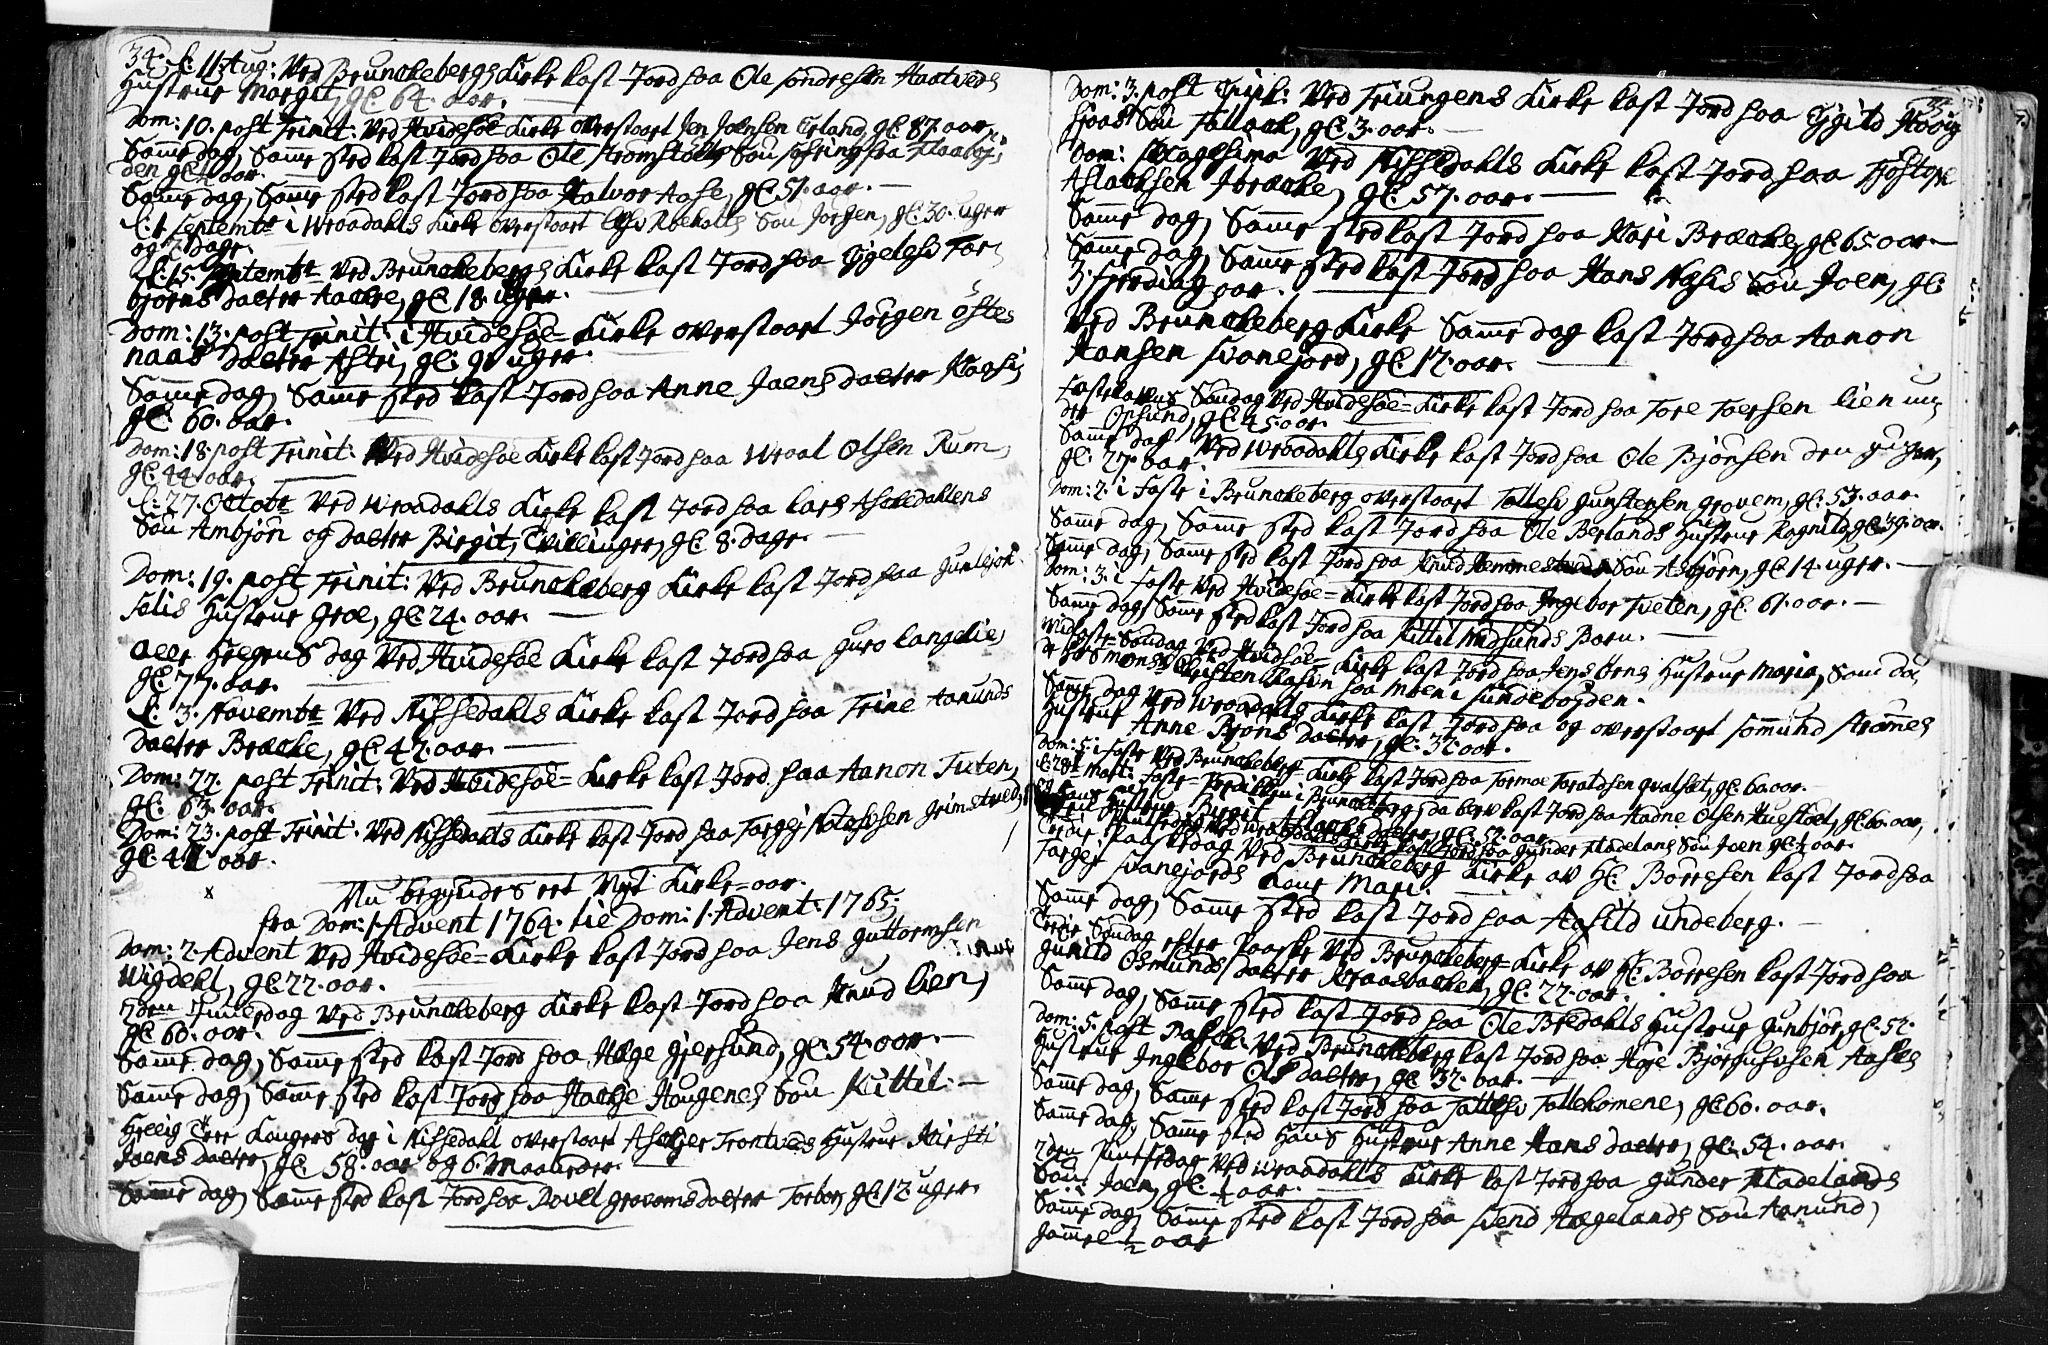 SAKO, Kviteseid kirkebøker, F/Fa/L0001: Ministerialbok nr. I 1, 1754-1773, s. 34-35